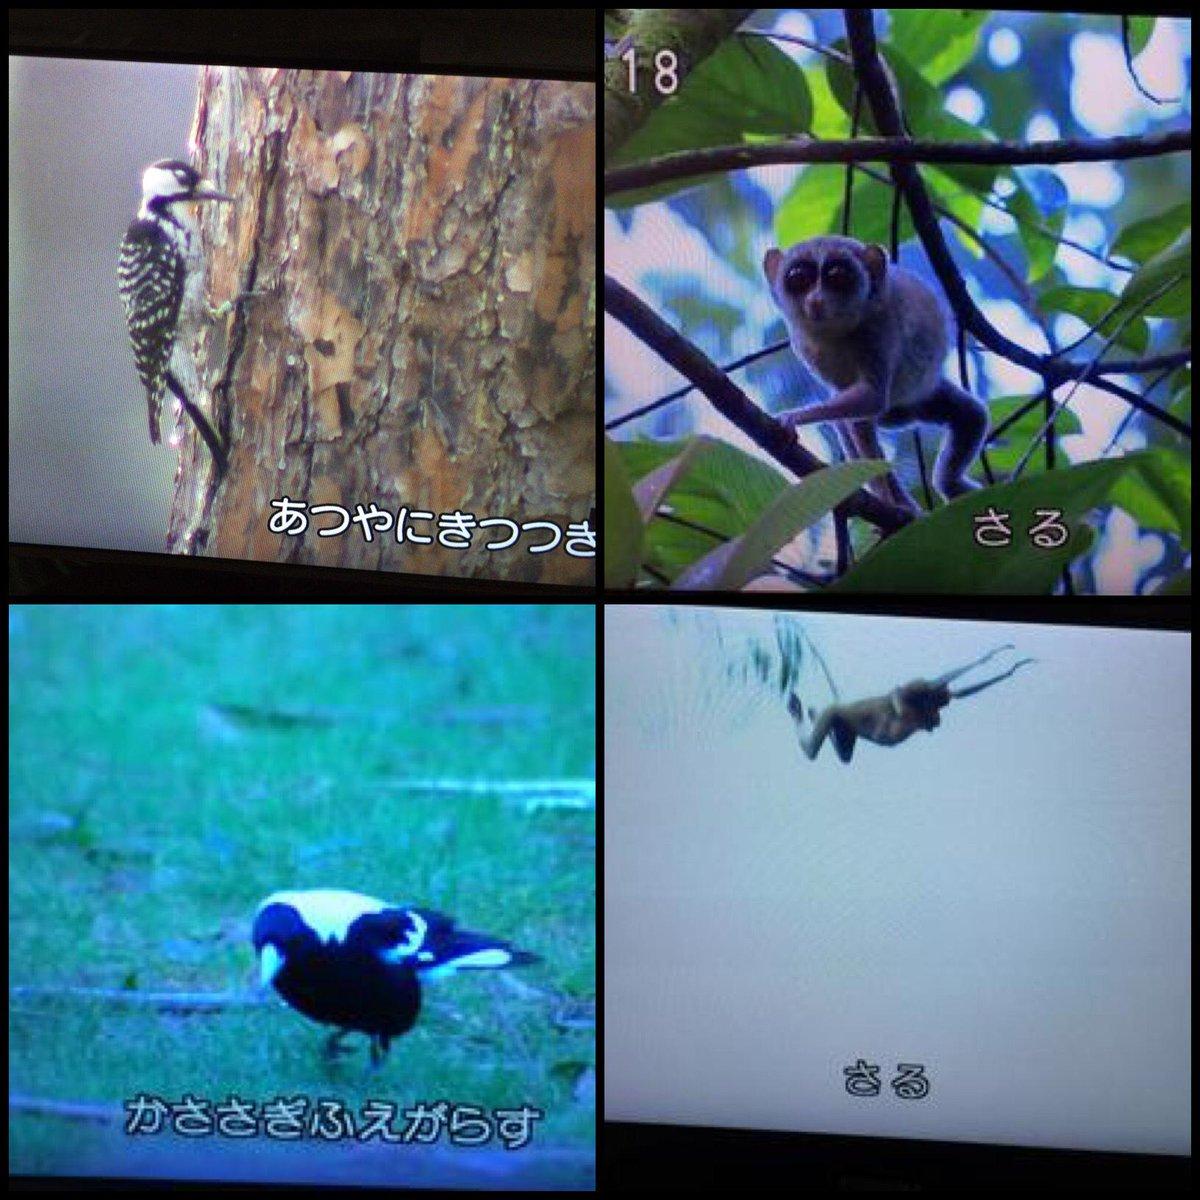 相変わらず鳥には細かいEテレ http://t.co/31RJX1uJJ2